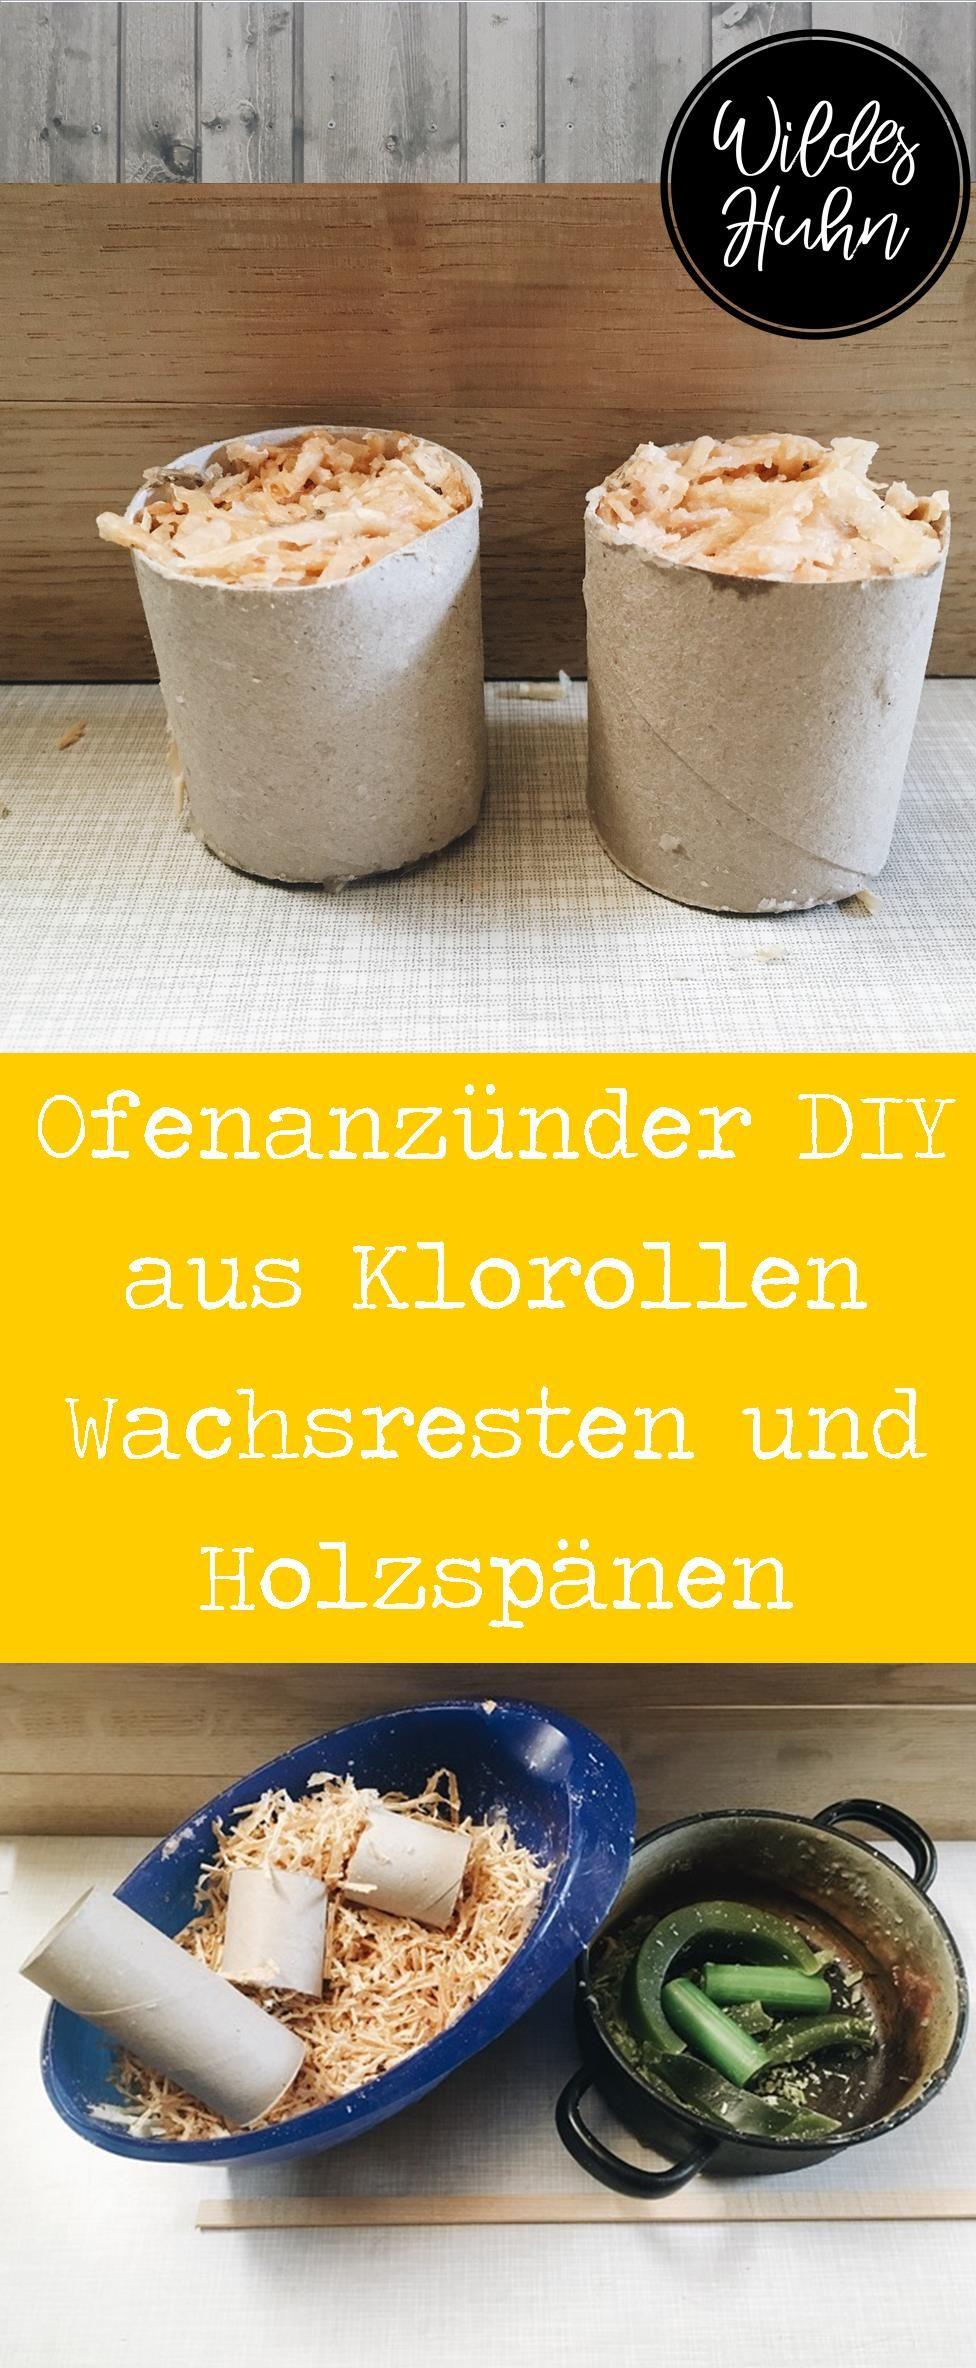 ofen- und grillanzünder diy anleitung aus klorollen, wachsresten und